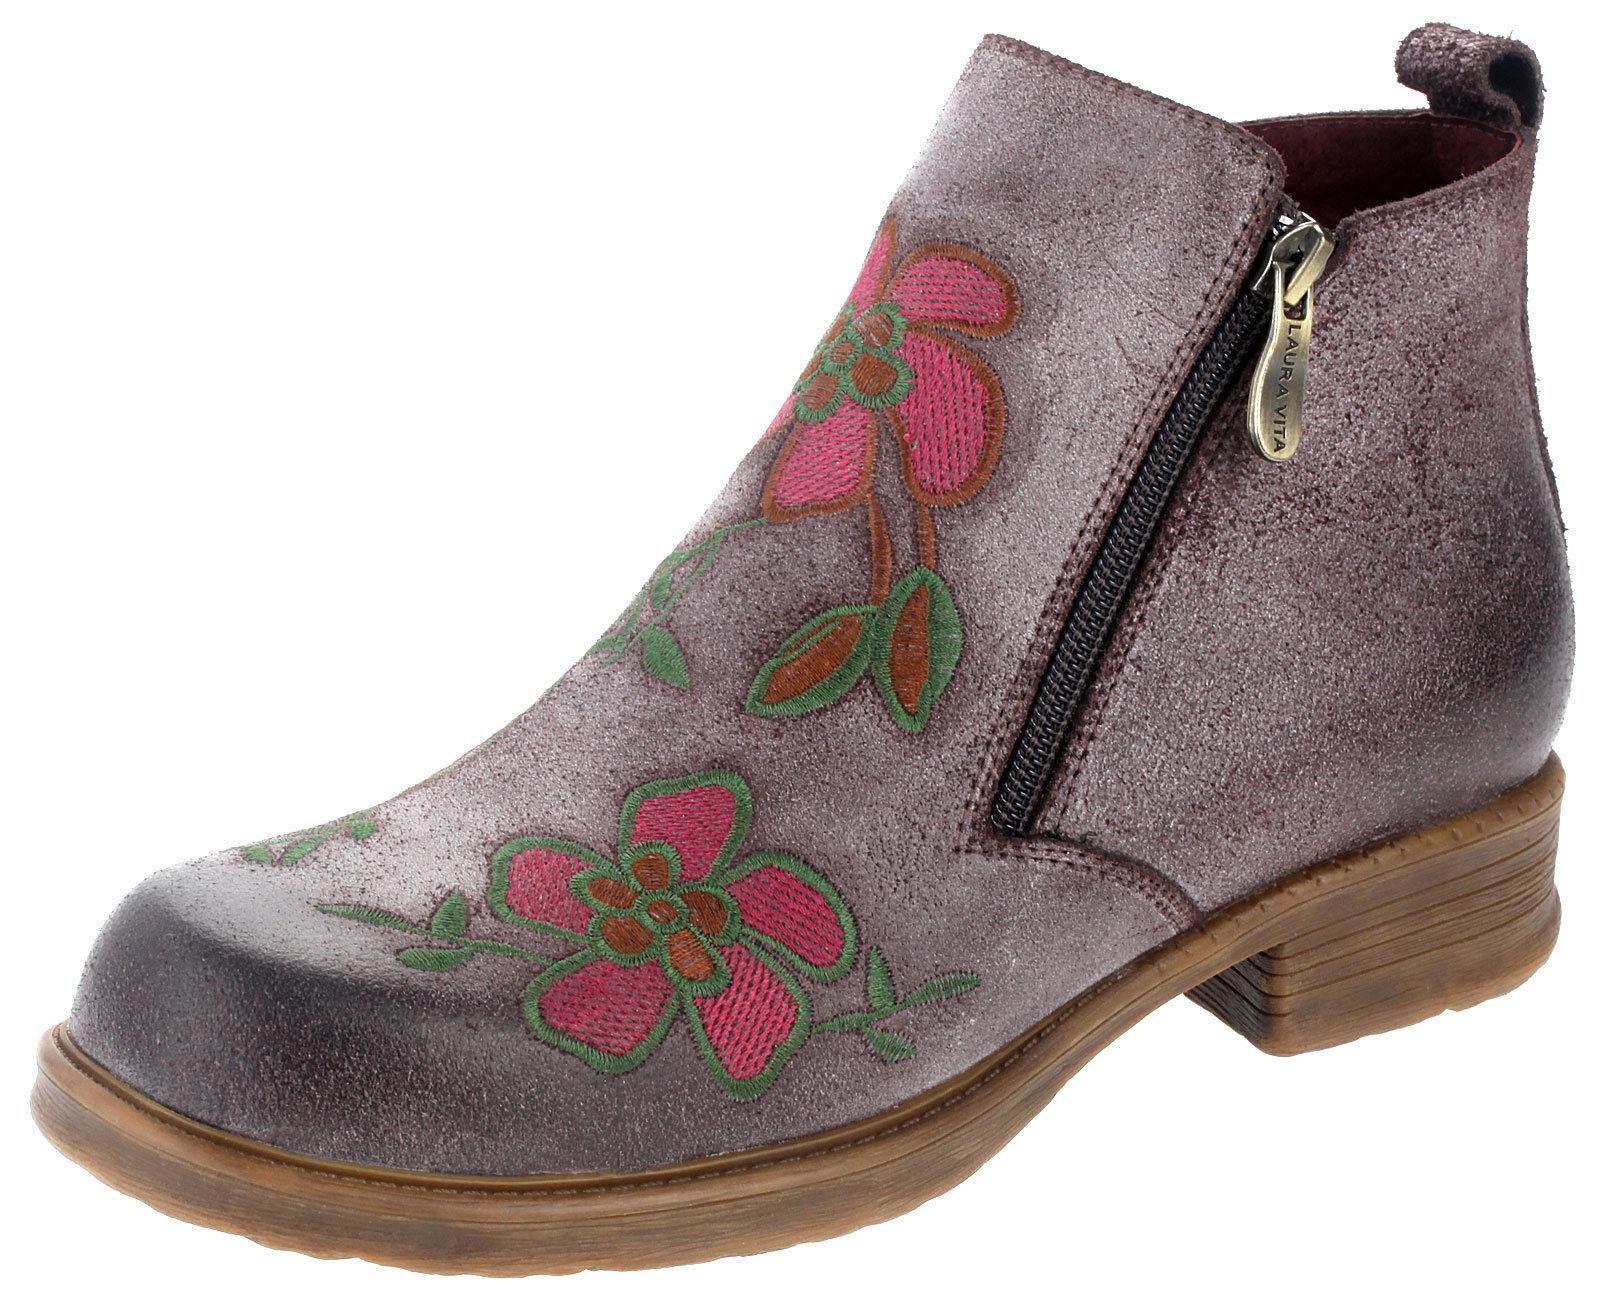 ea154e2e00dd23 Laura Vita Damen Boots Leder Stiefeletten kleiner Absatz anita 02 chocolat  braun